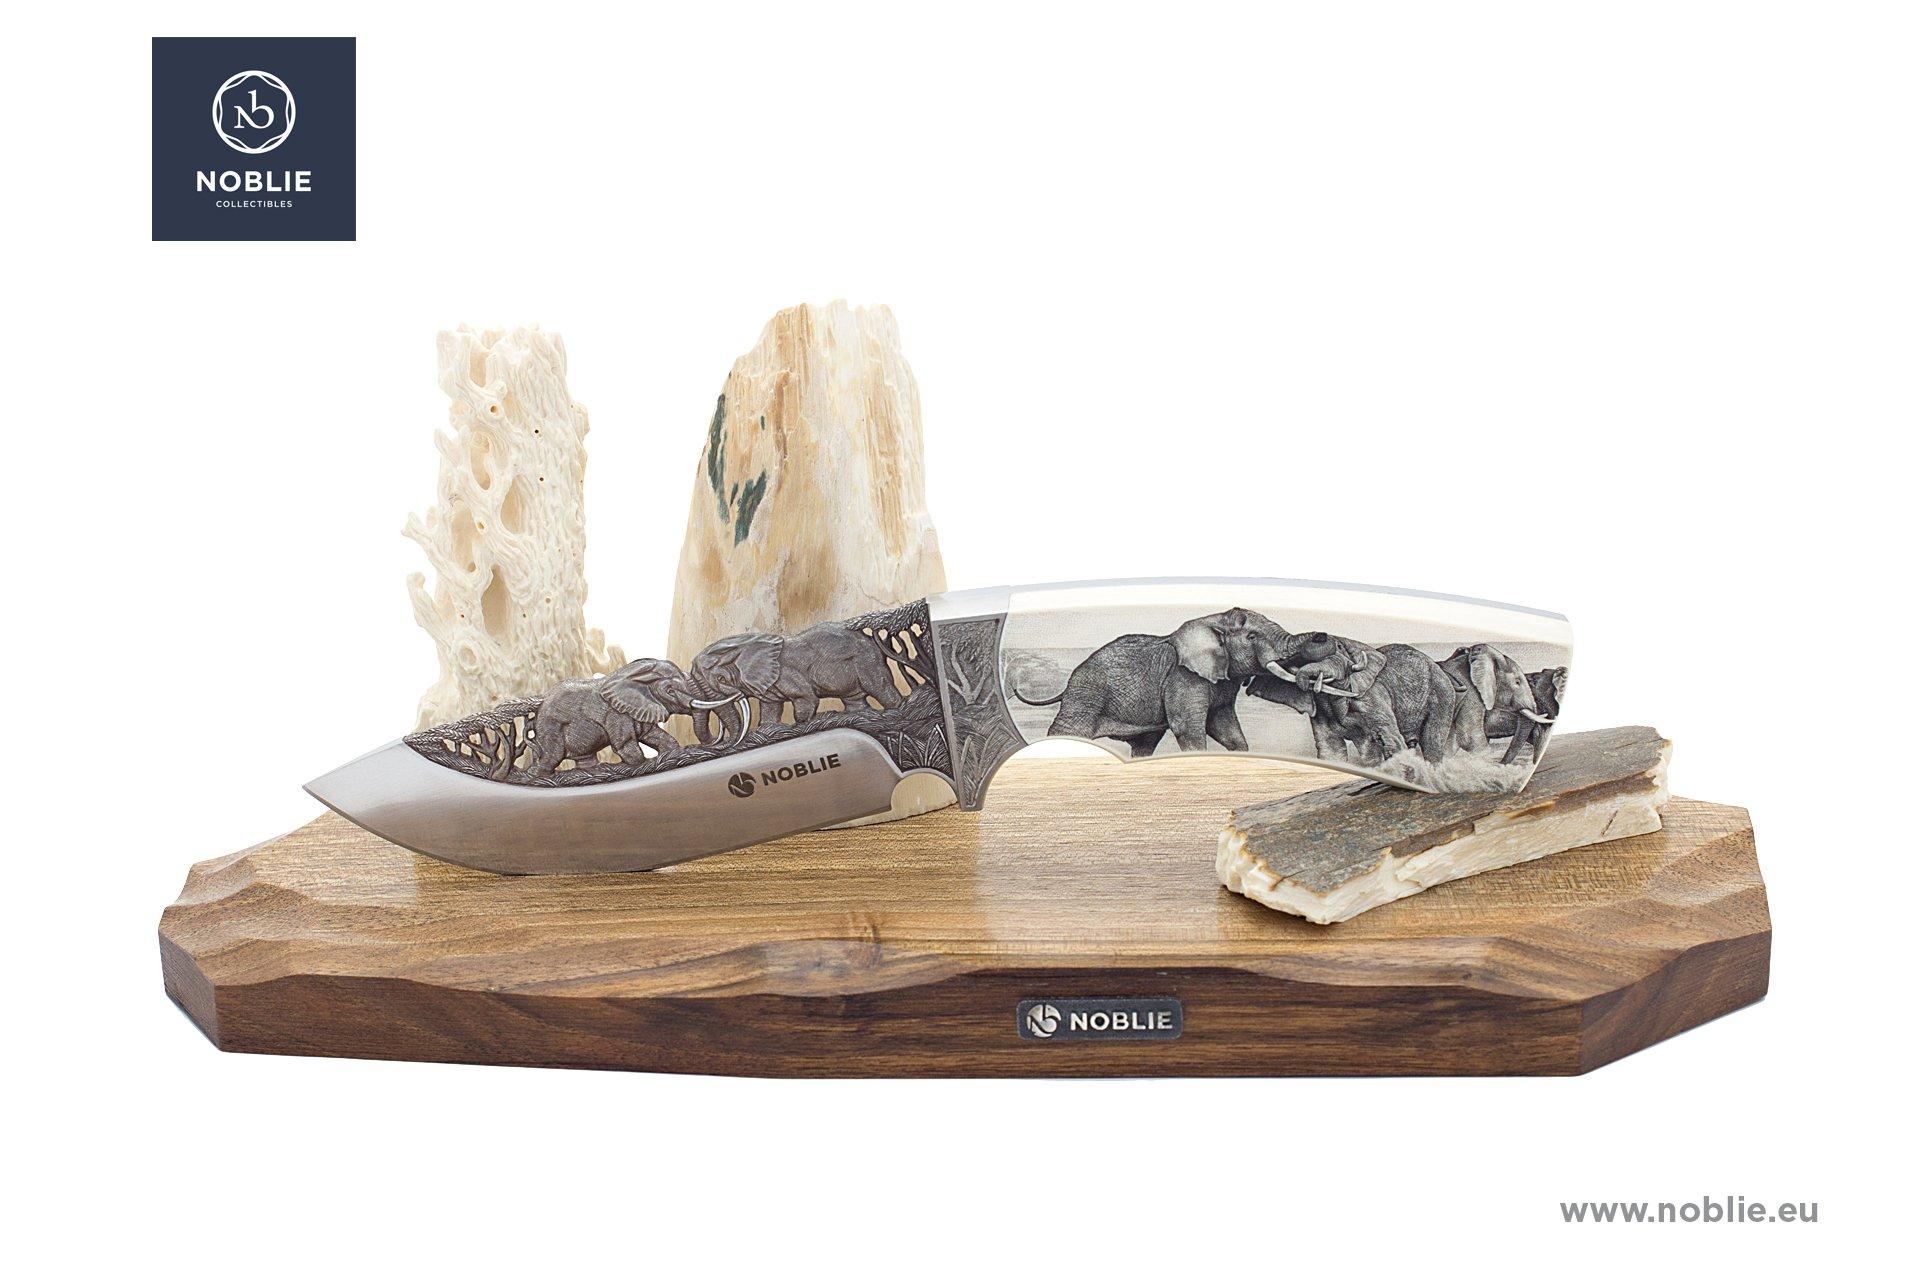 Best scrimshaw knives